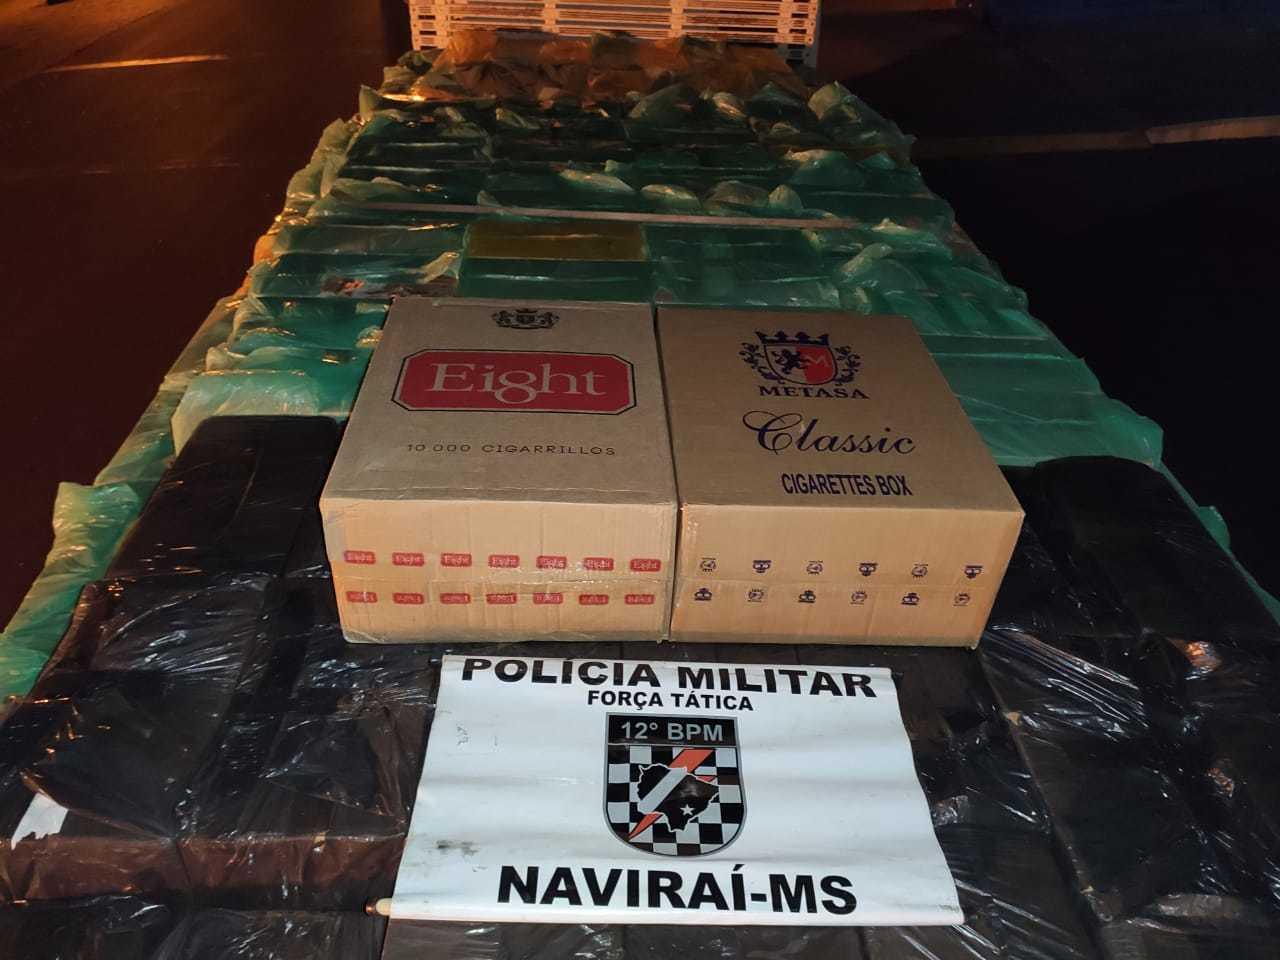 Caminhão carregado com 7.500 pacotes de cigarro. (Foto: Divulgação/Polícia Militar)